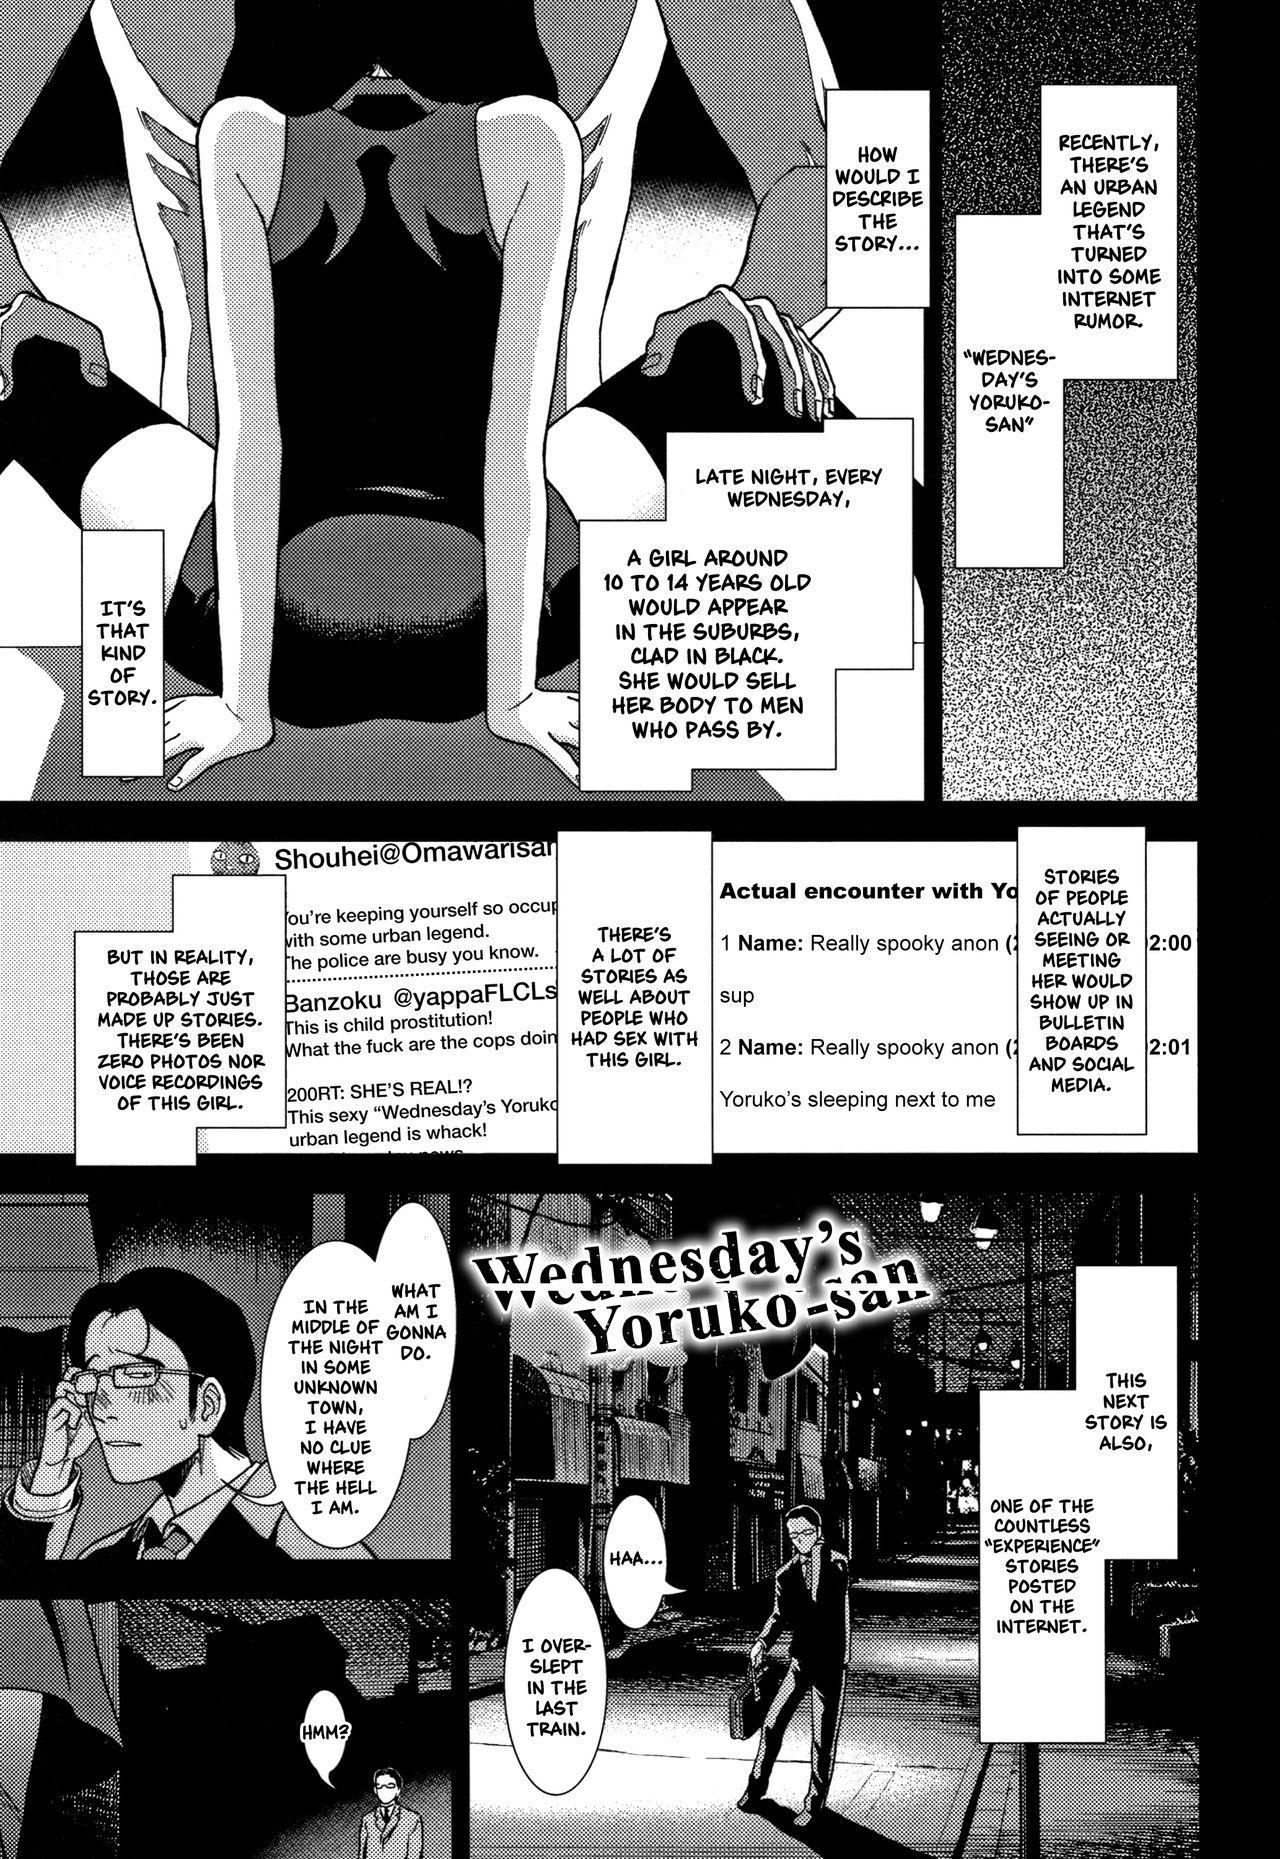 [Sabaku] Suiyoubi no Yoruko-san | Wednesday's Yoruko-san (Onnanoko no Omocha) [English] [Nishimaru] 0